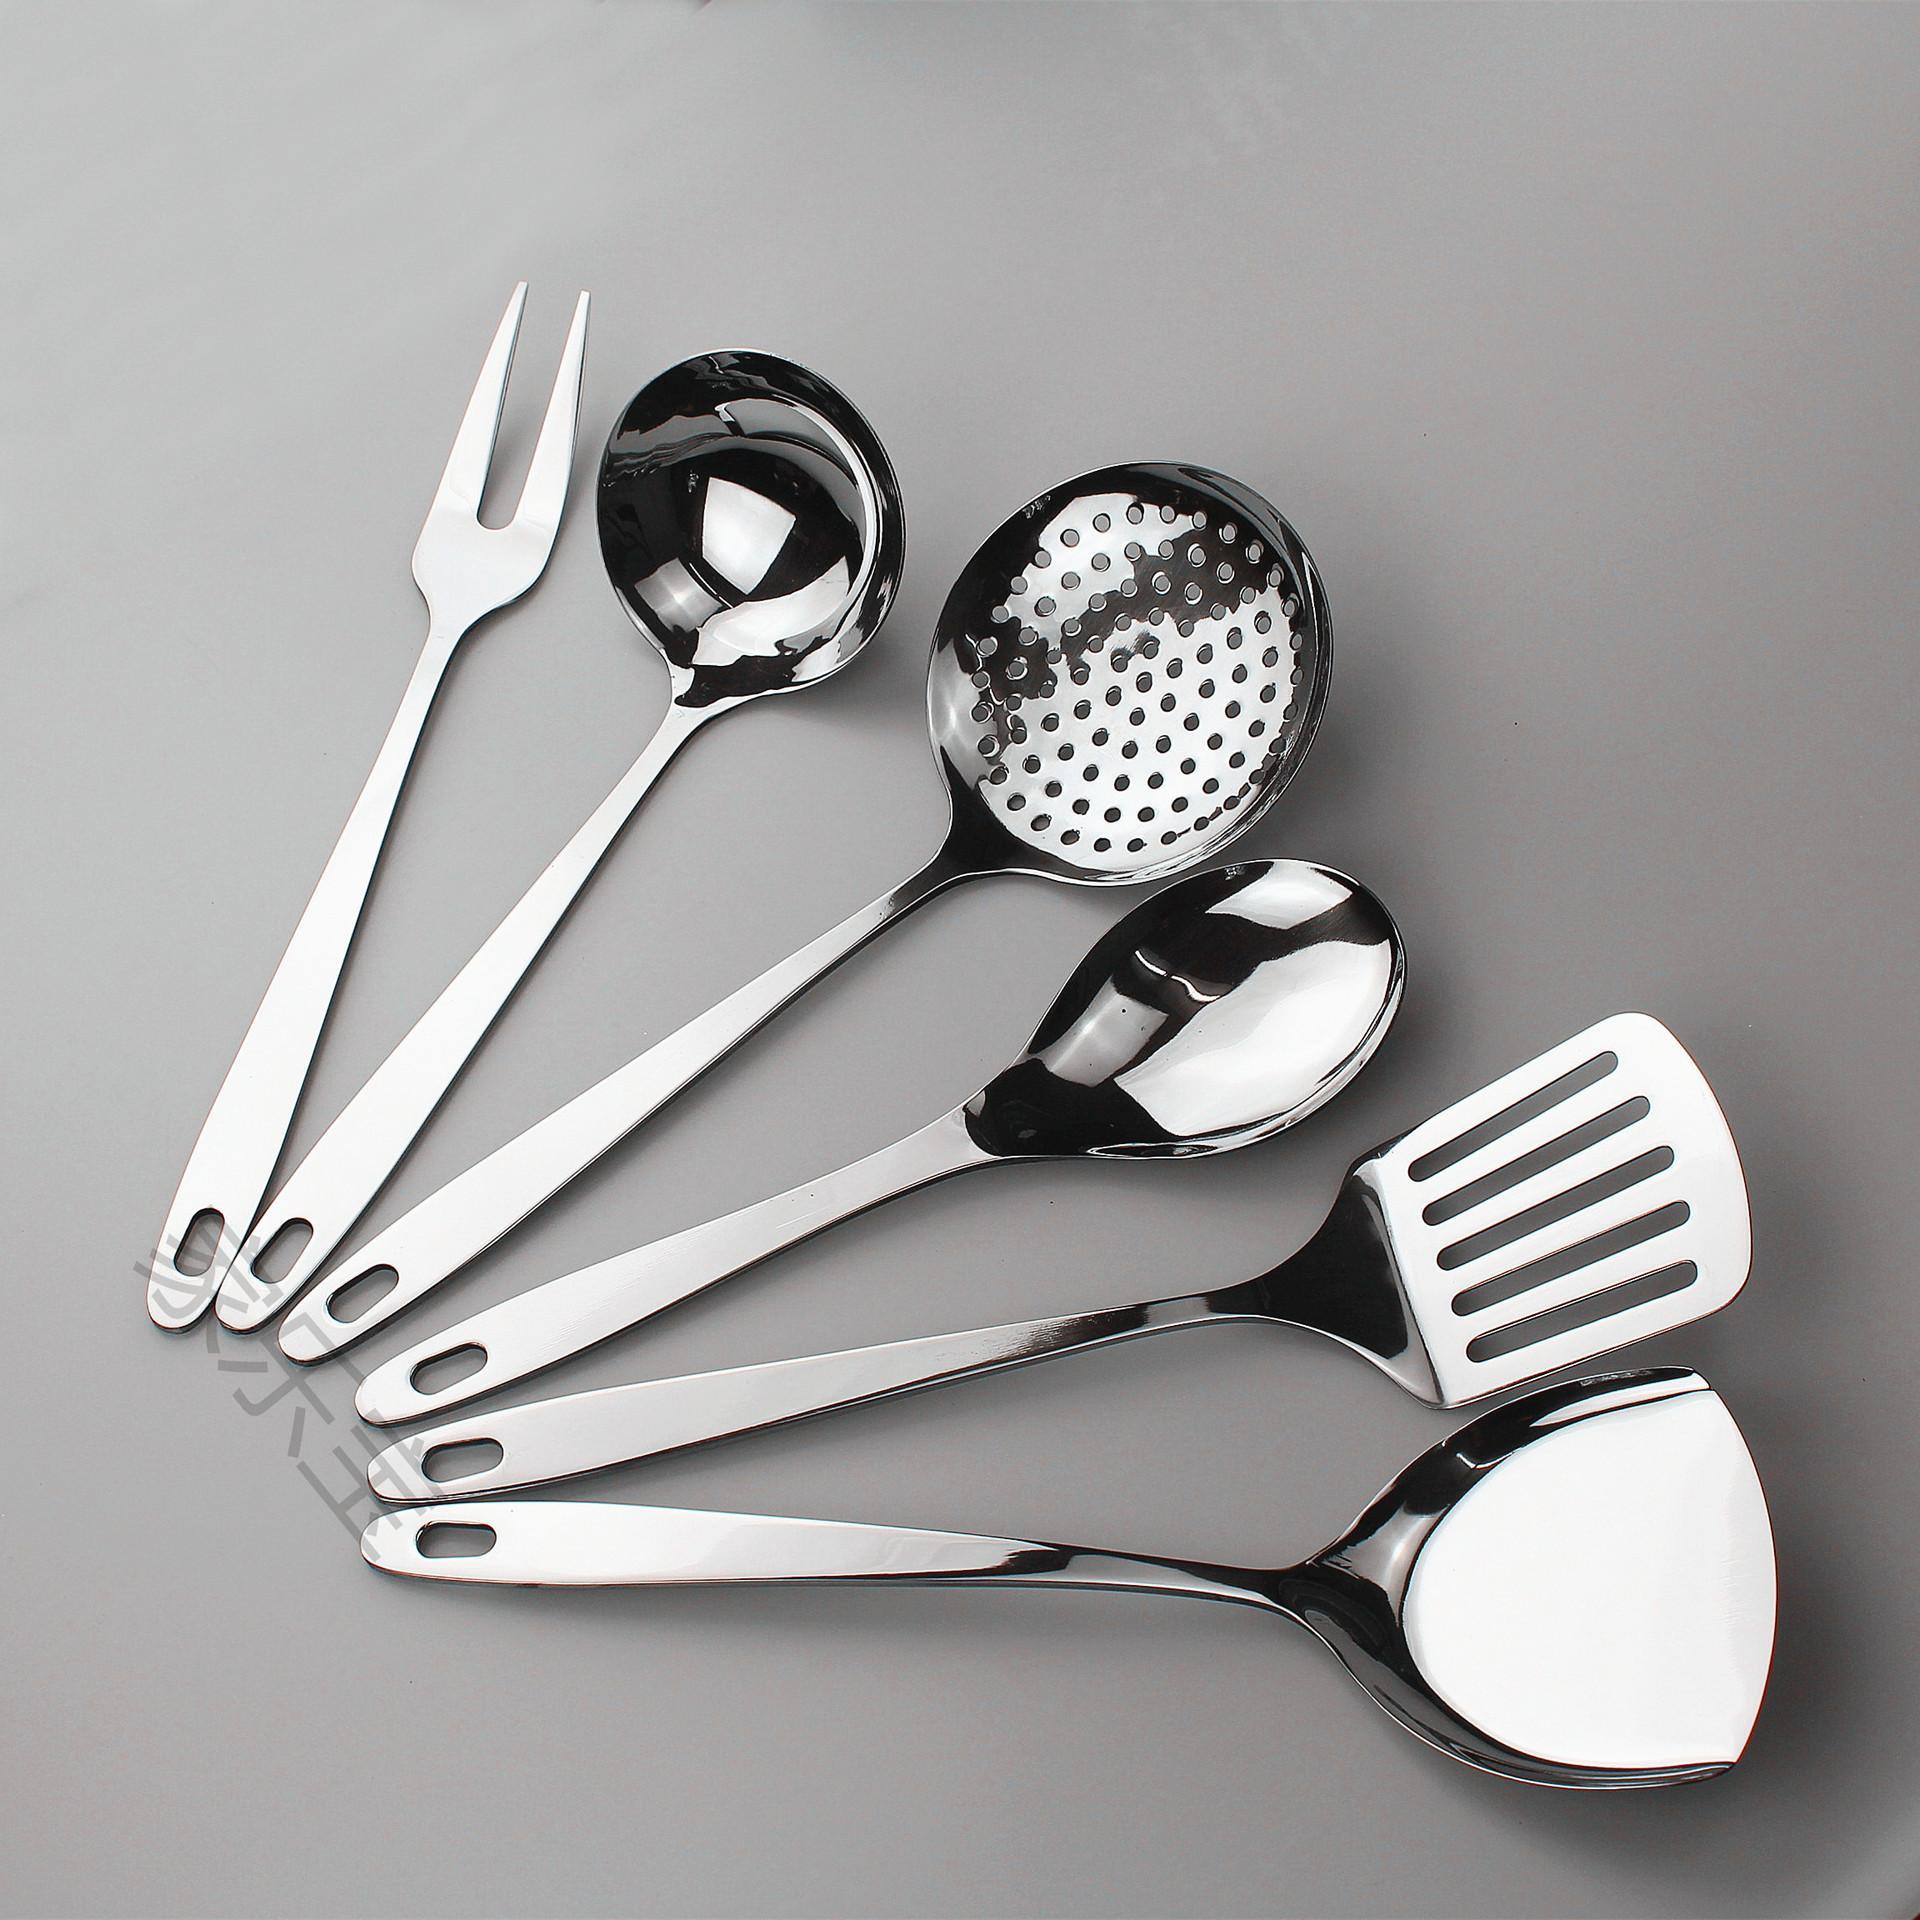 不锈钢厨具变暗了还能恢复光泽吗